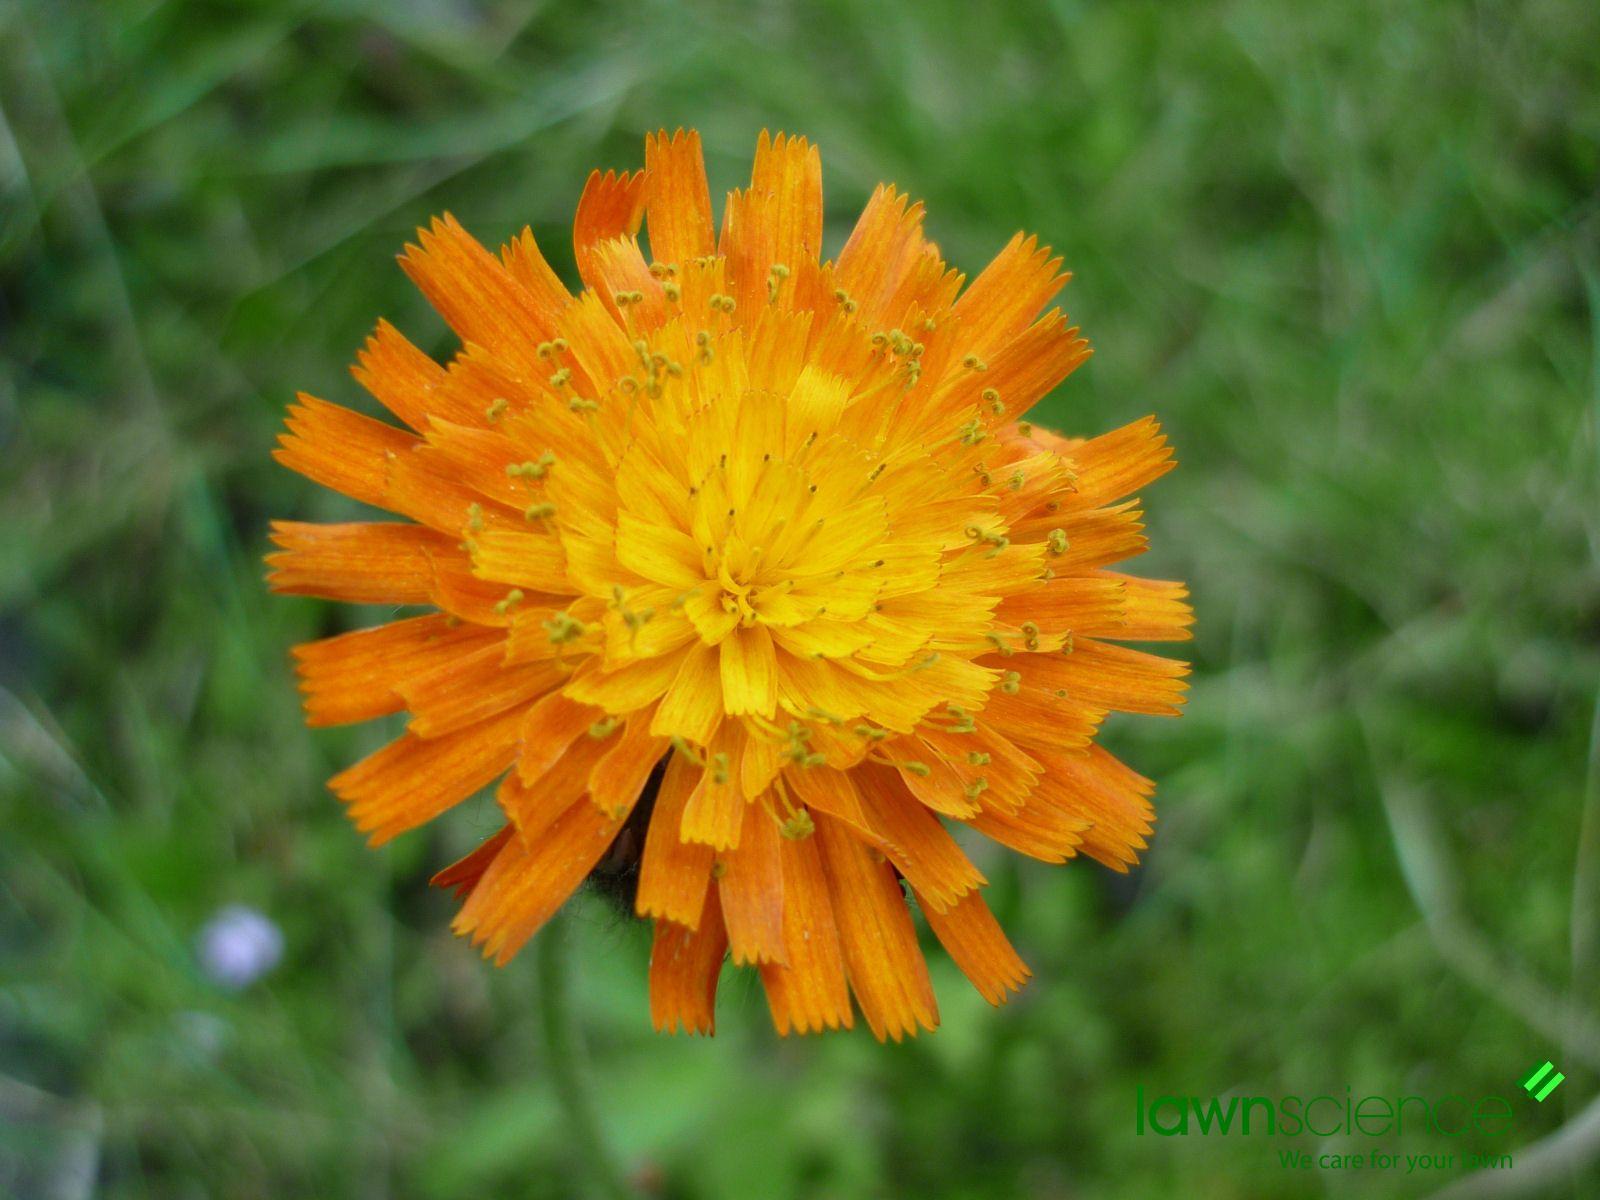 Orange hawkweed flower weeds in lawn language of